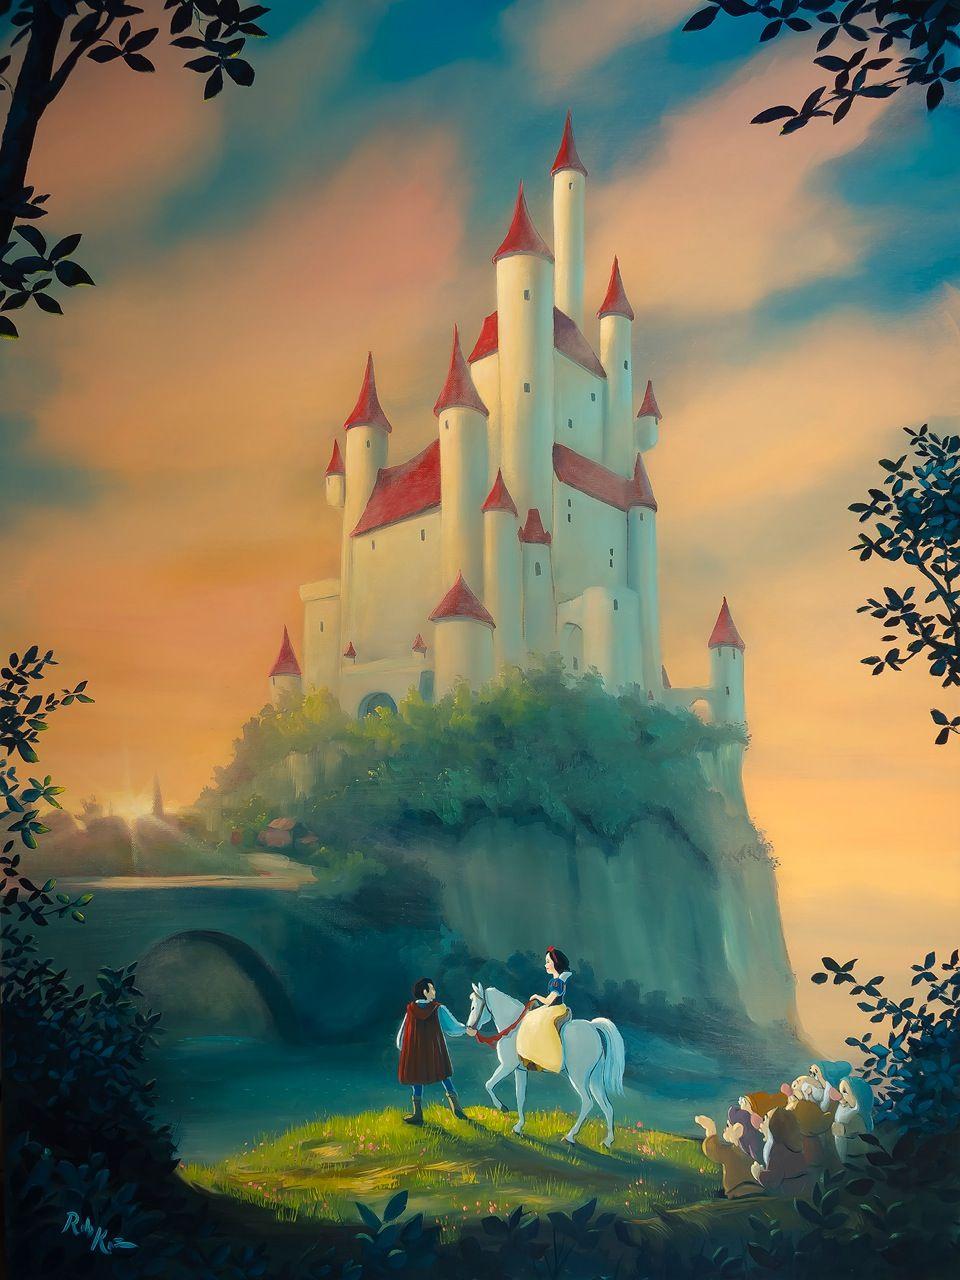 Snow White's happy ending | Snow White | Snow white disney, Disney